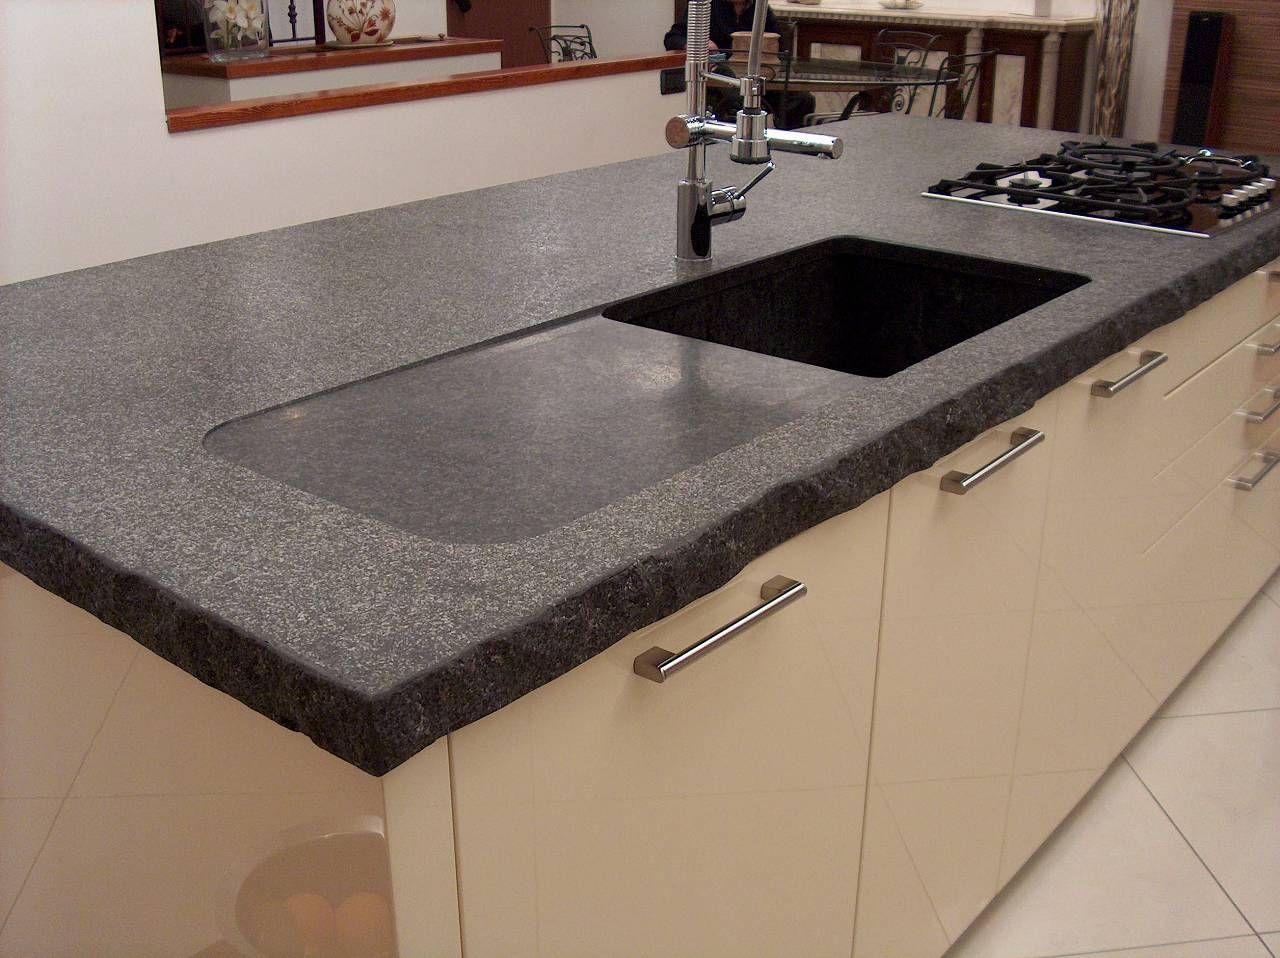 Ikea Tavoli Da Giardino Allungabili.Mobili Cucina Casa Mare Cucina In Granito Nero Tavolo Cucina